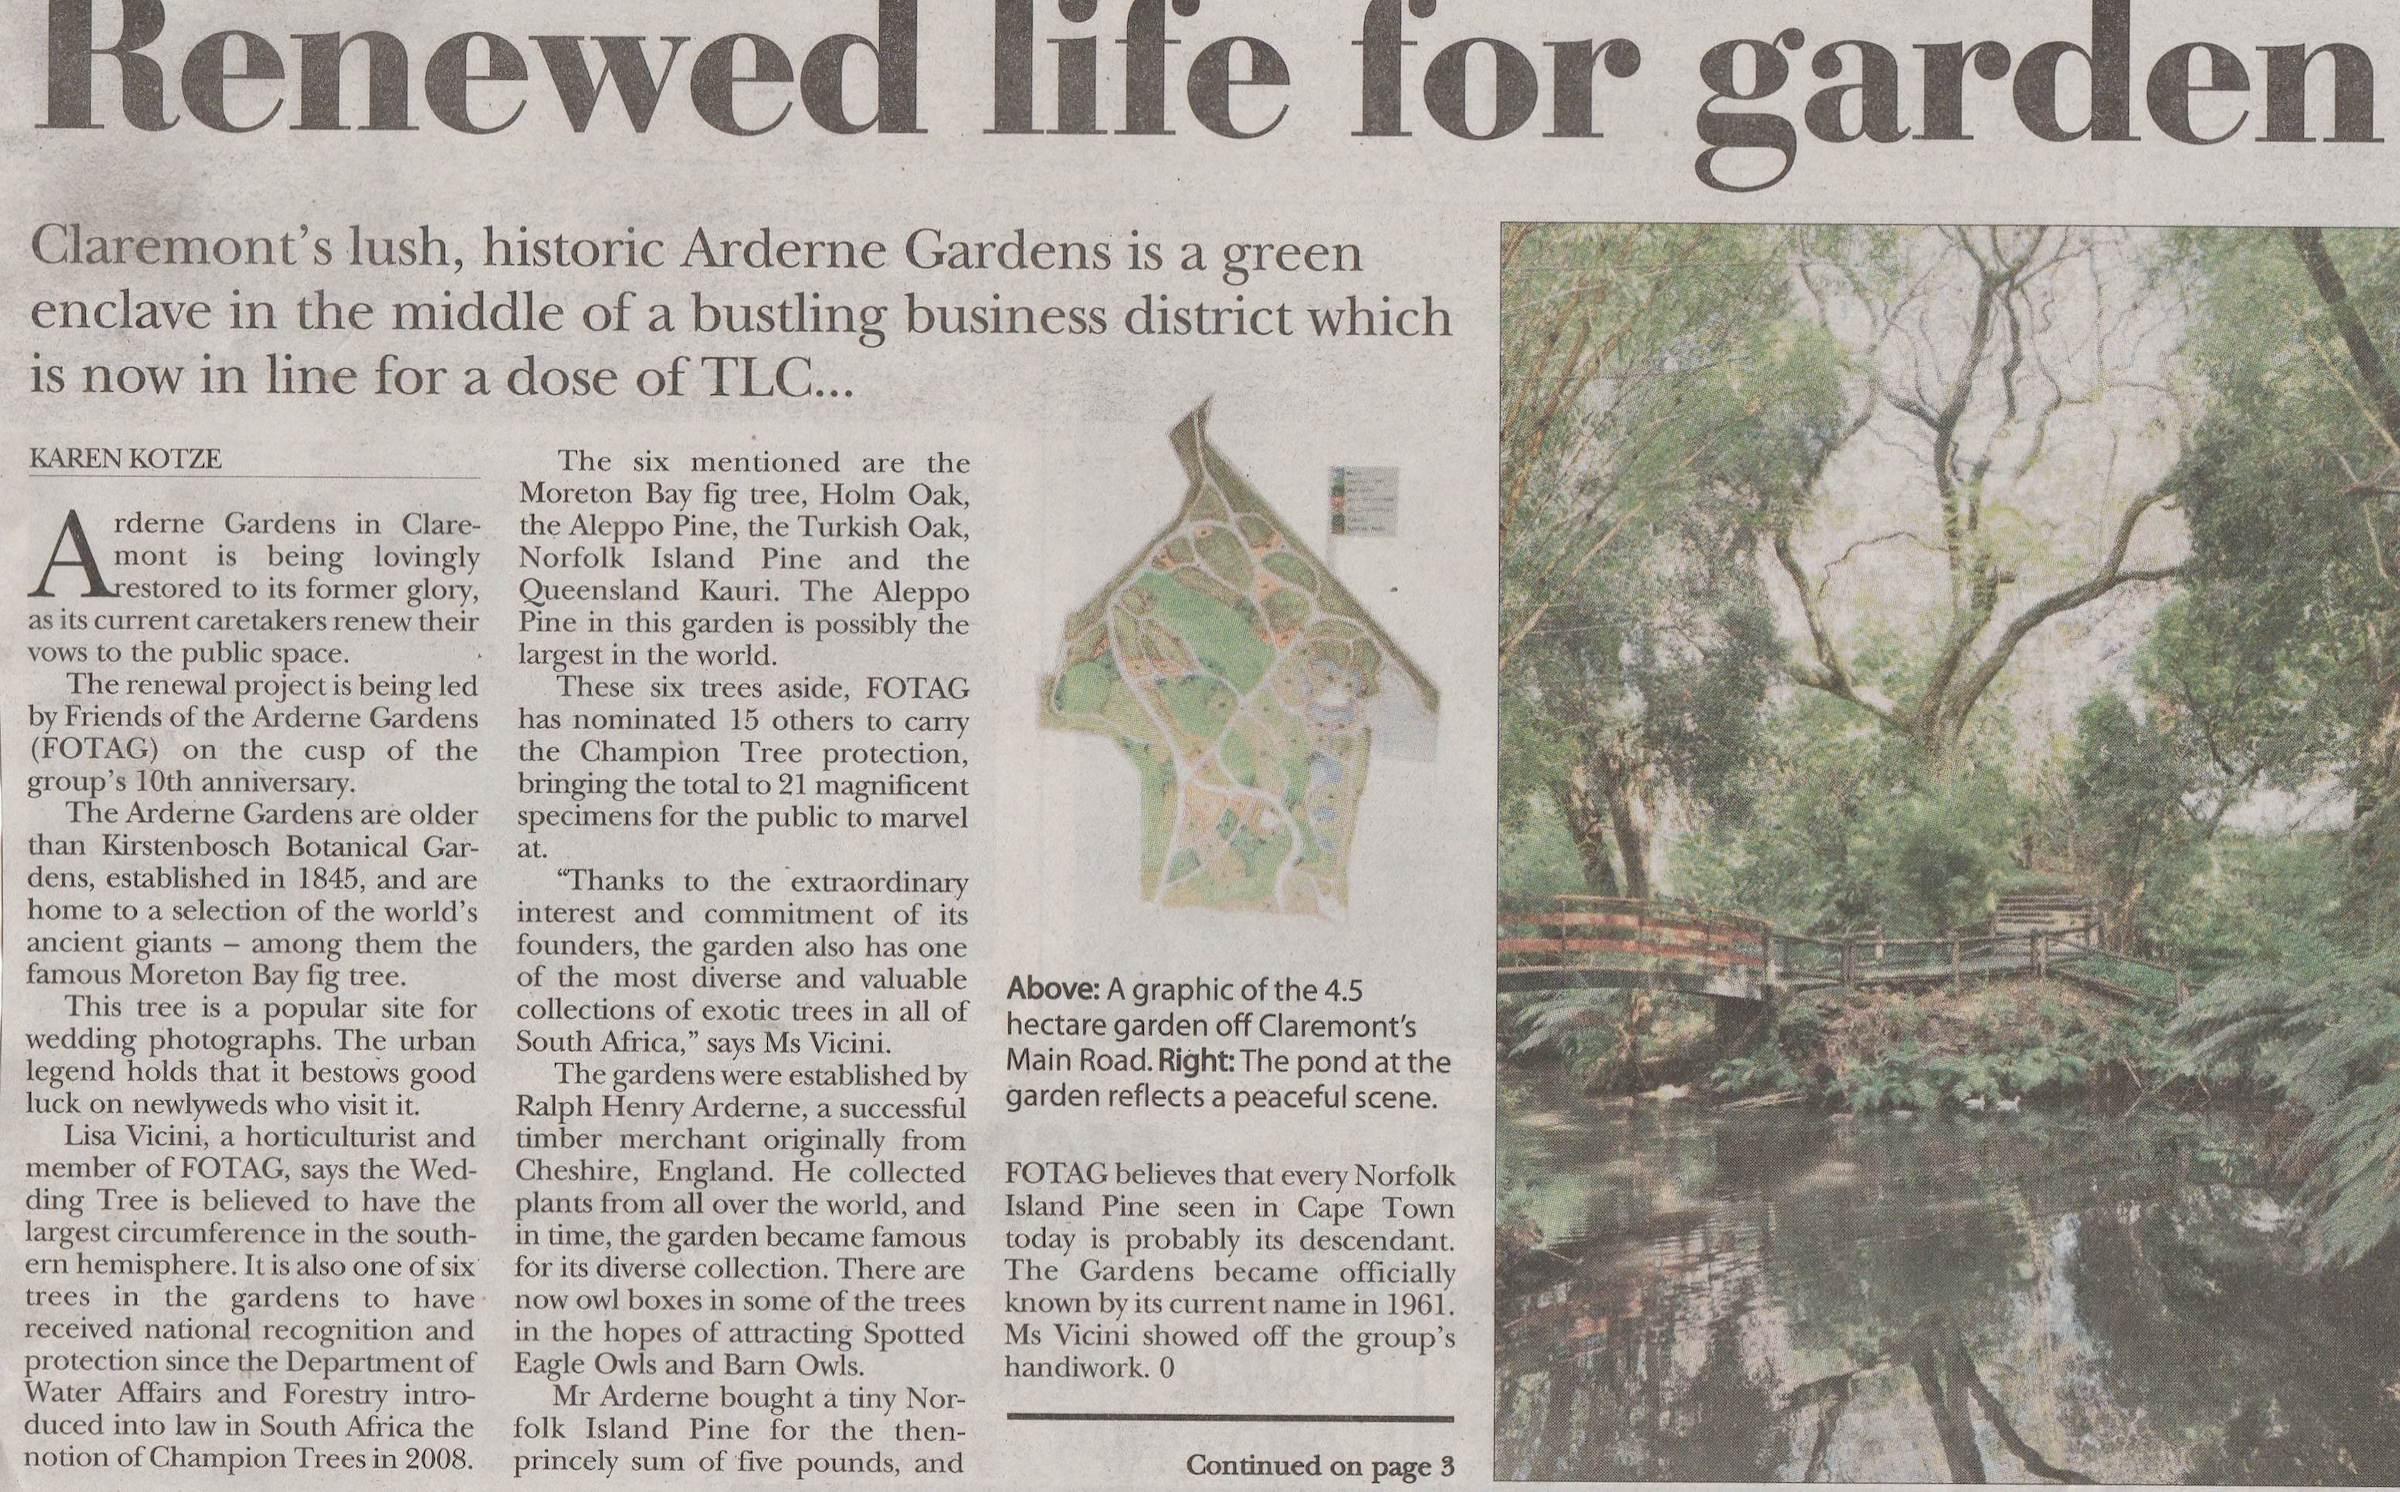 Renewed-life-for-garden-Tatler-4-September-2014.jpg